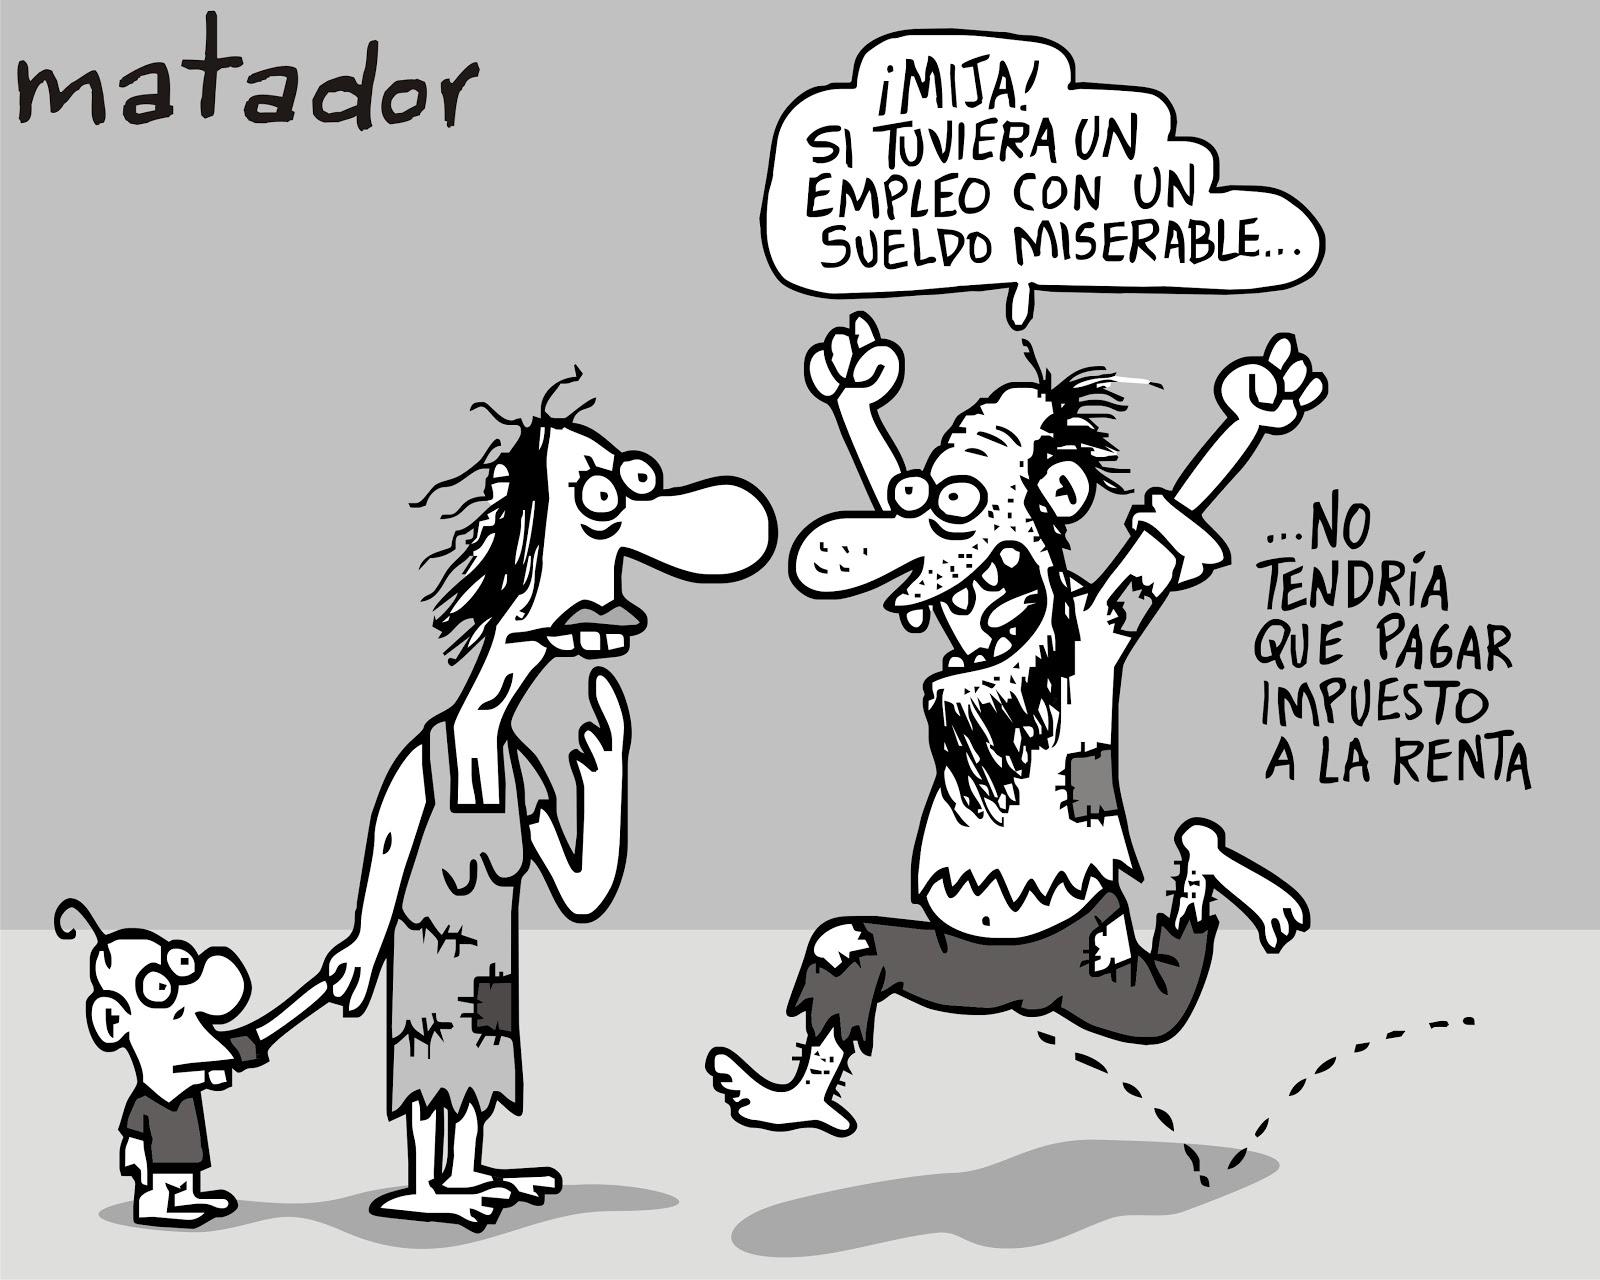 Después Del Plebiscito La Reforma Tributaria – PST Colombia